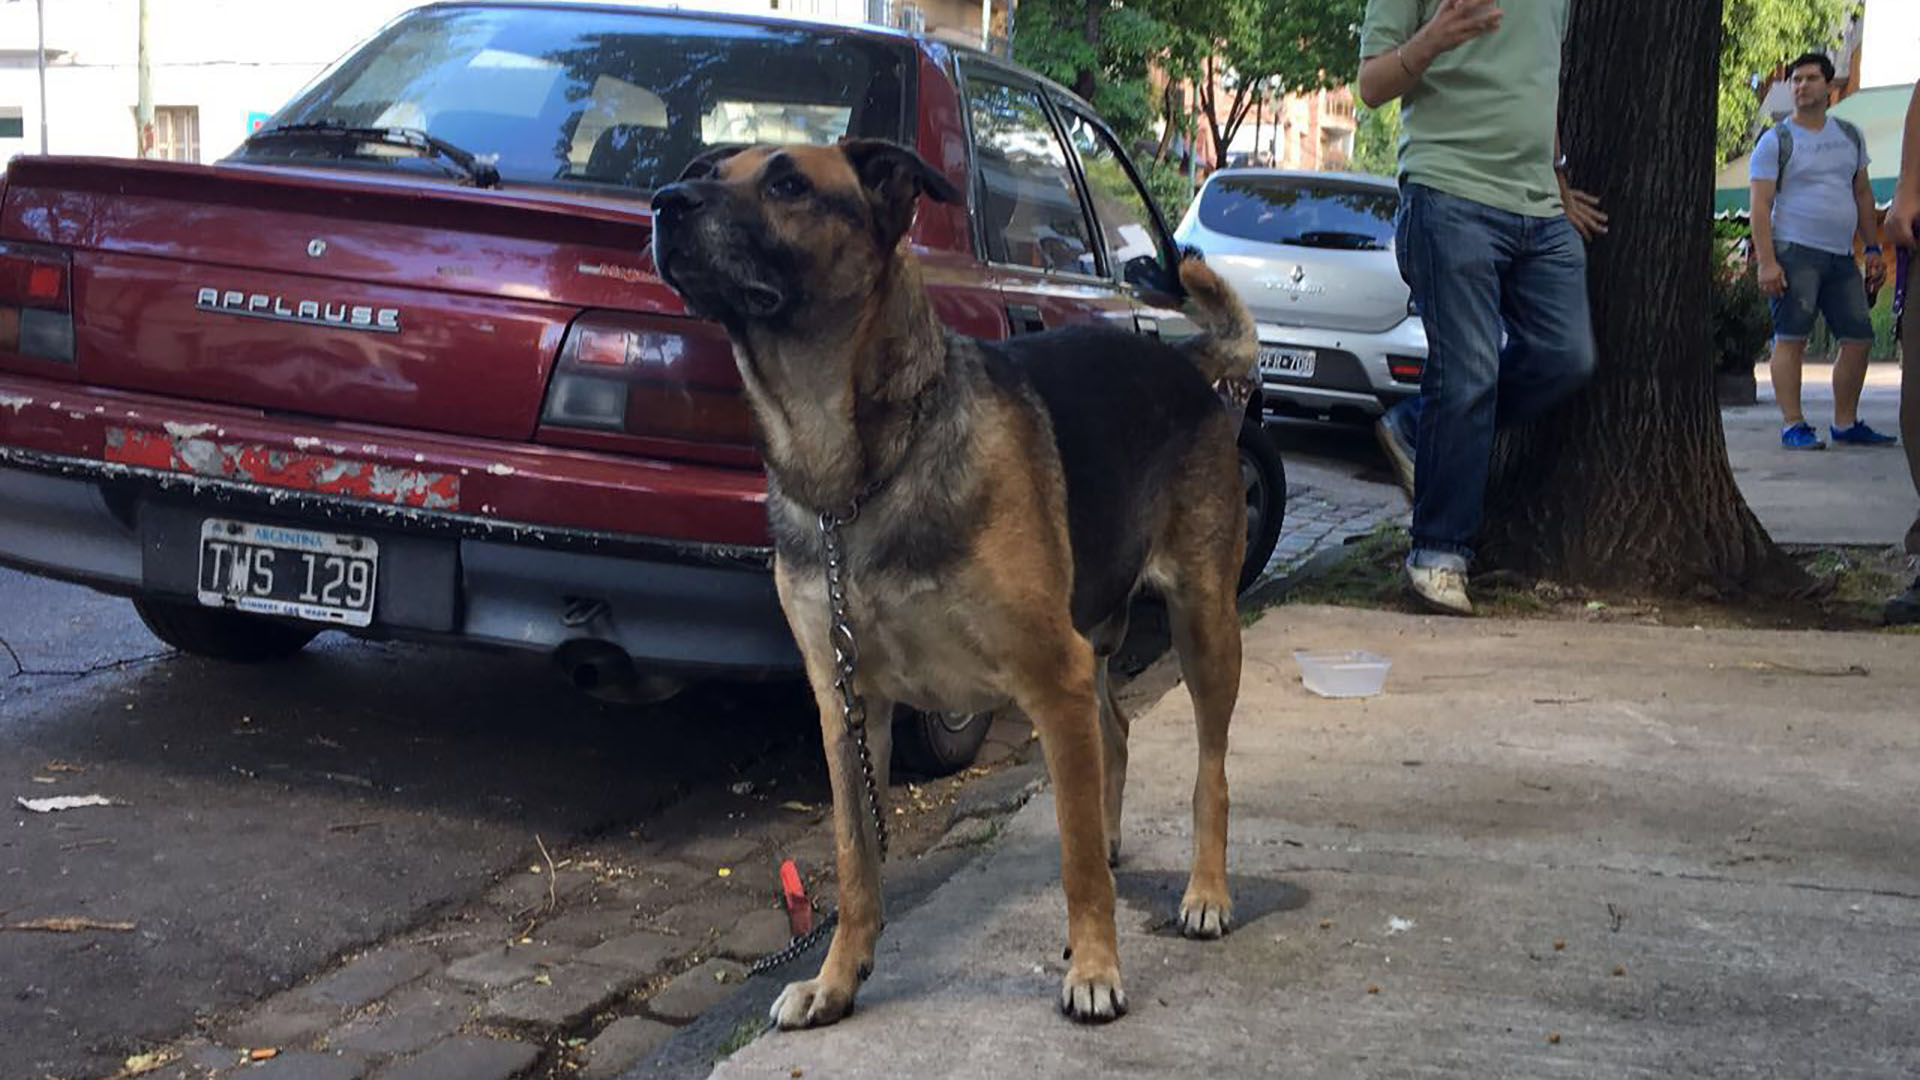 Ortega busca ayuda. Necesita un lugar de transito y una nueva familia que lo adopte.